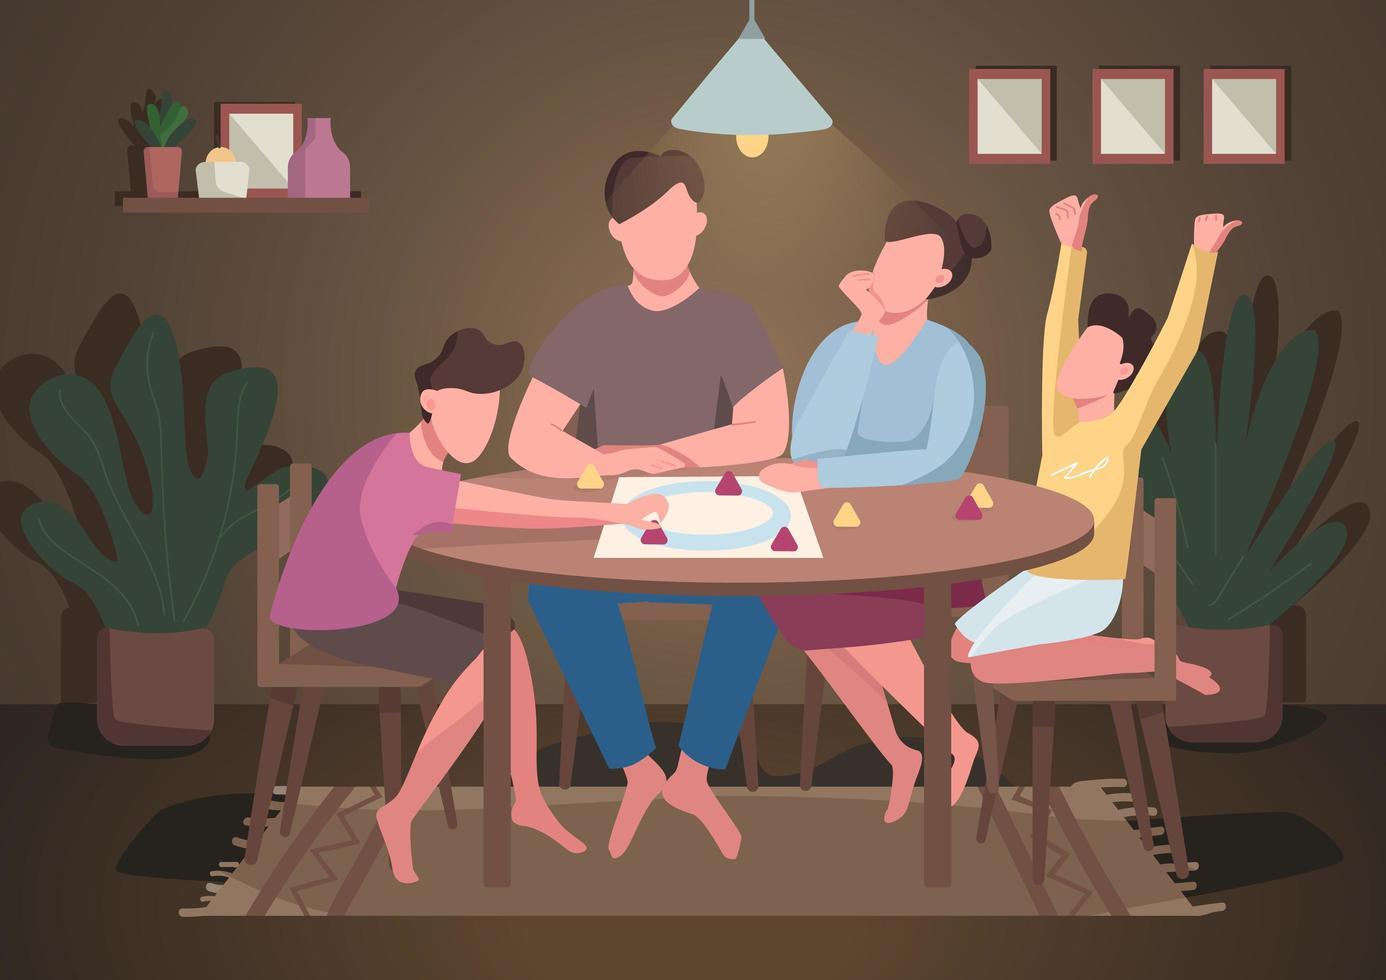 Familienspiel Brettspiel vektor